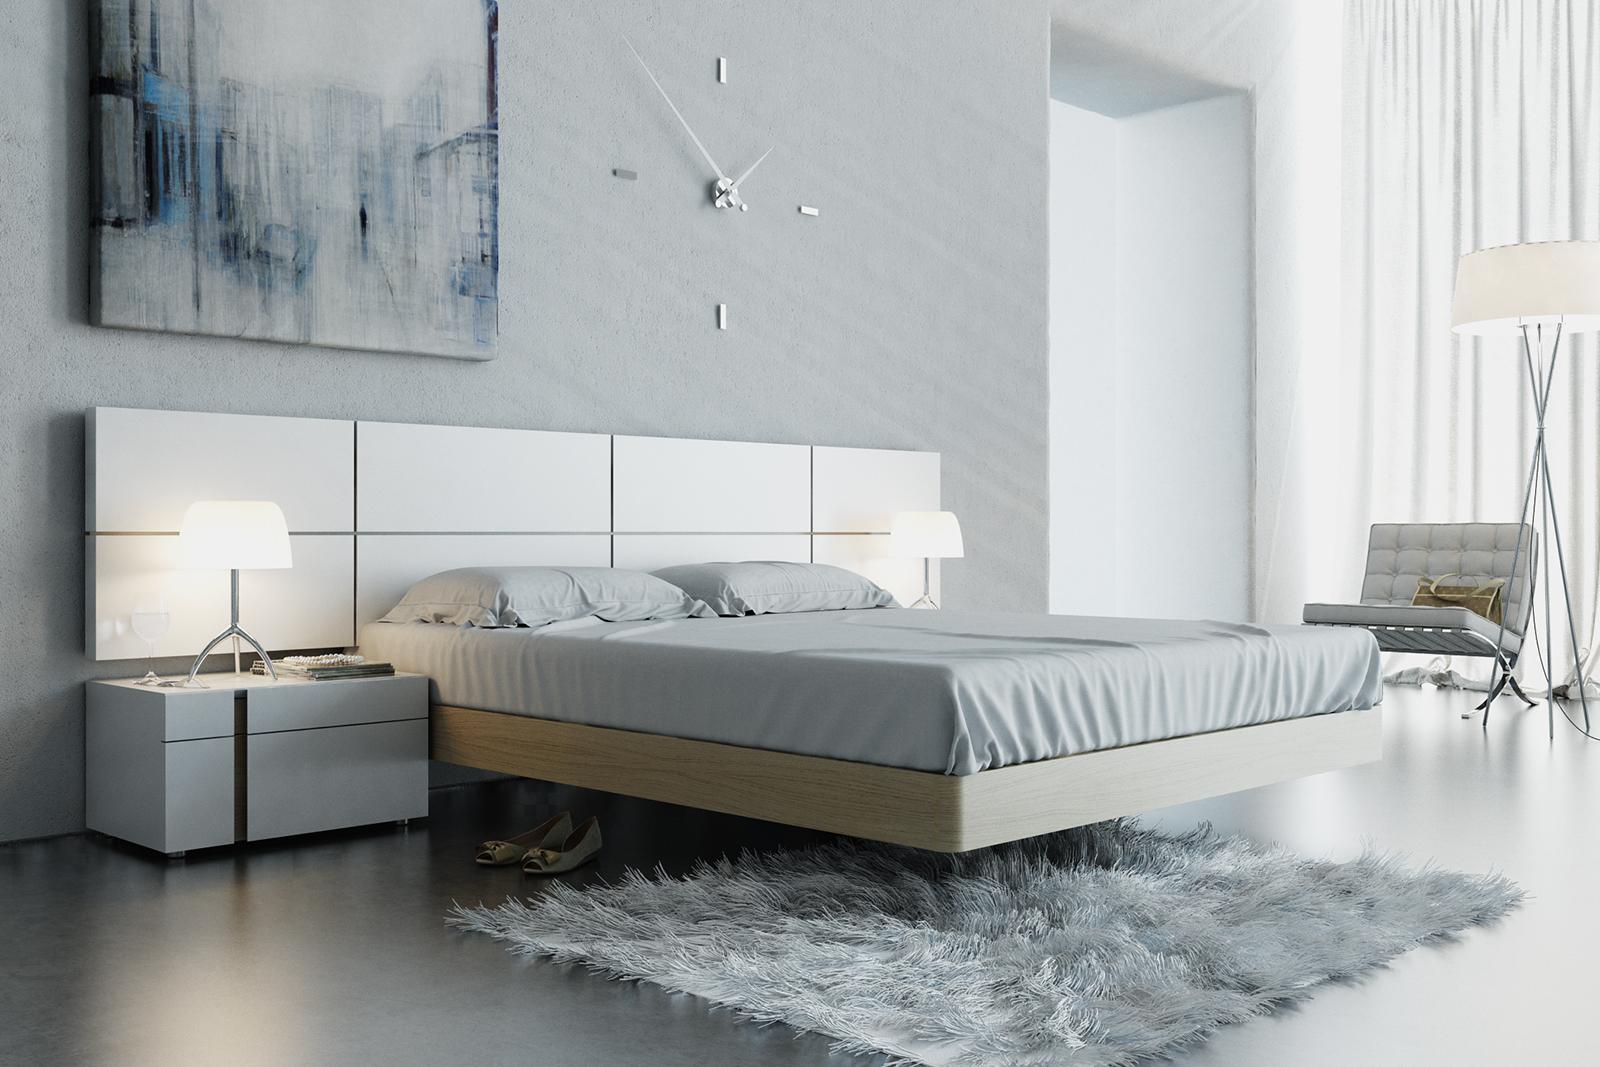 dormitorio infinity garcia sabate